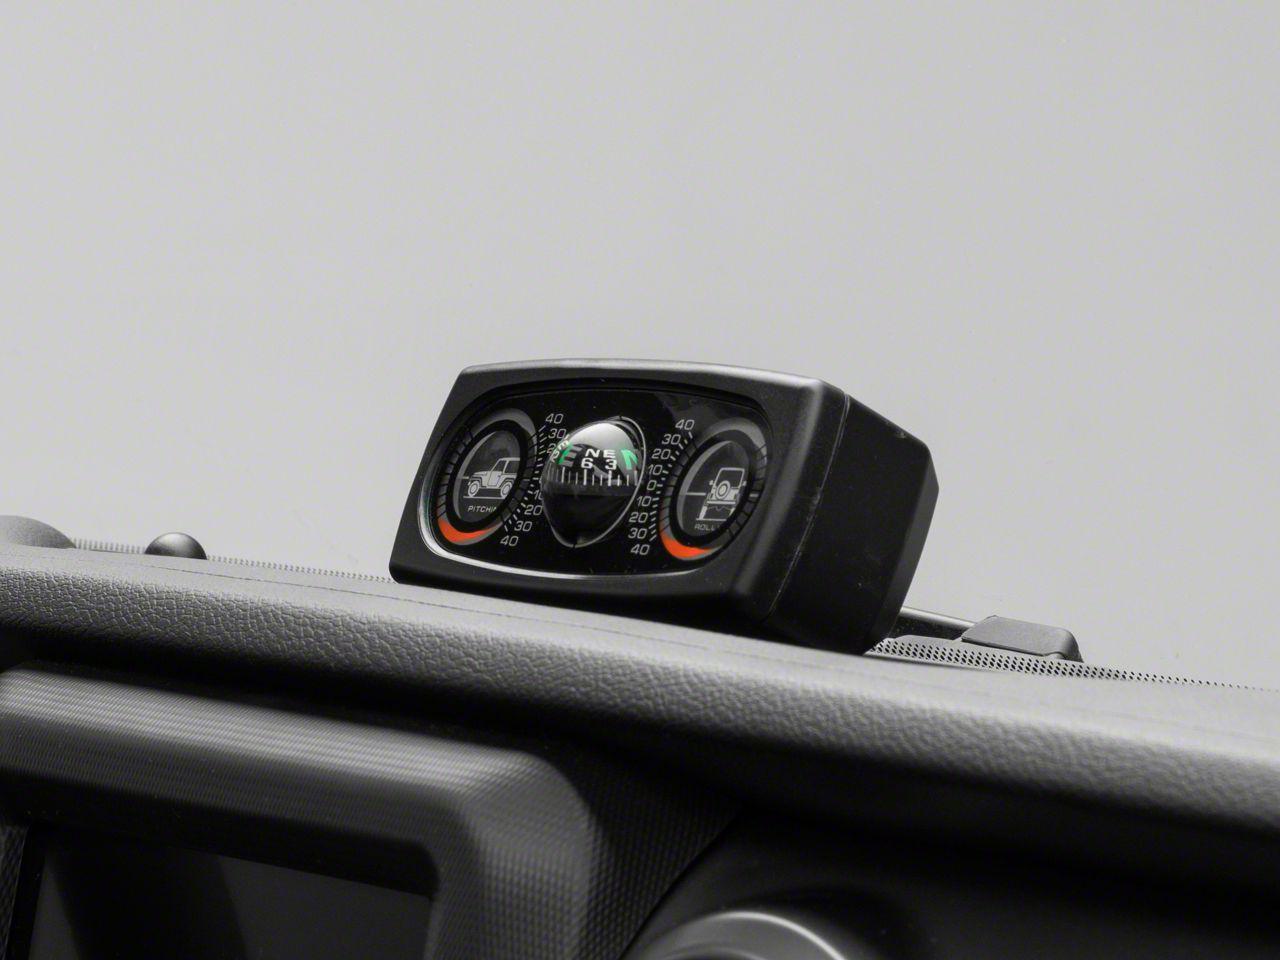 RedRock 4x4 Clinometer w/ Compass